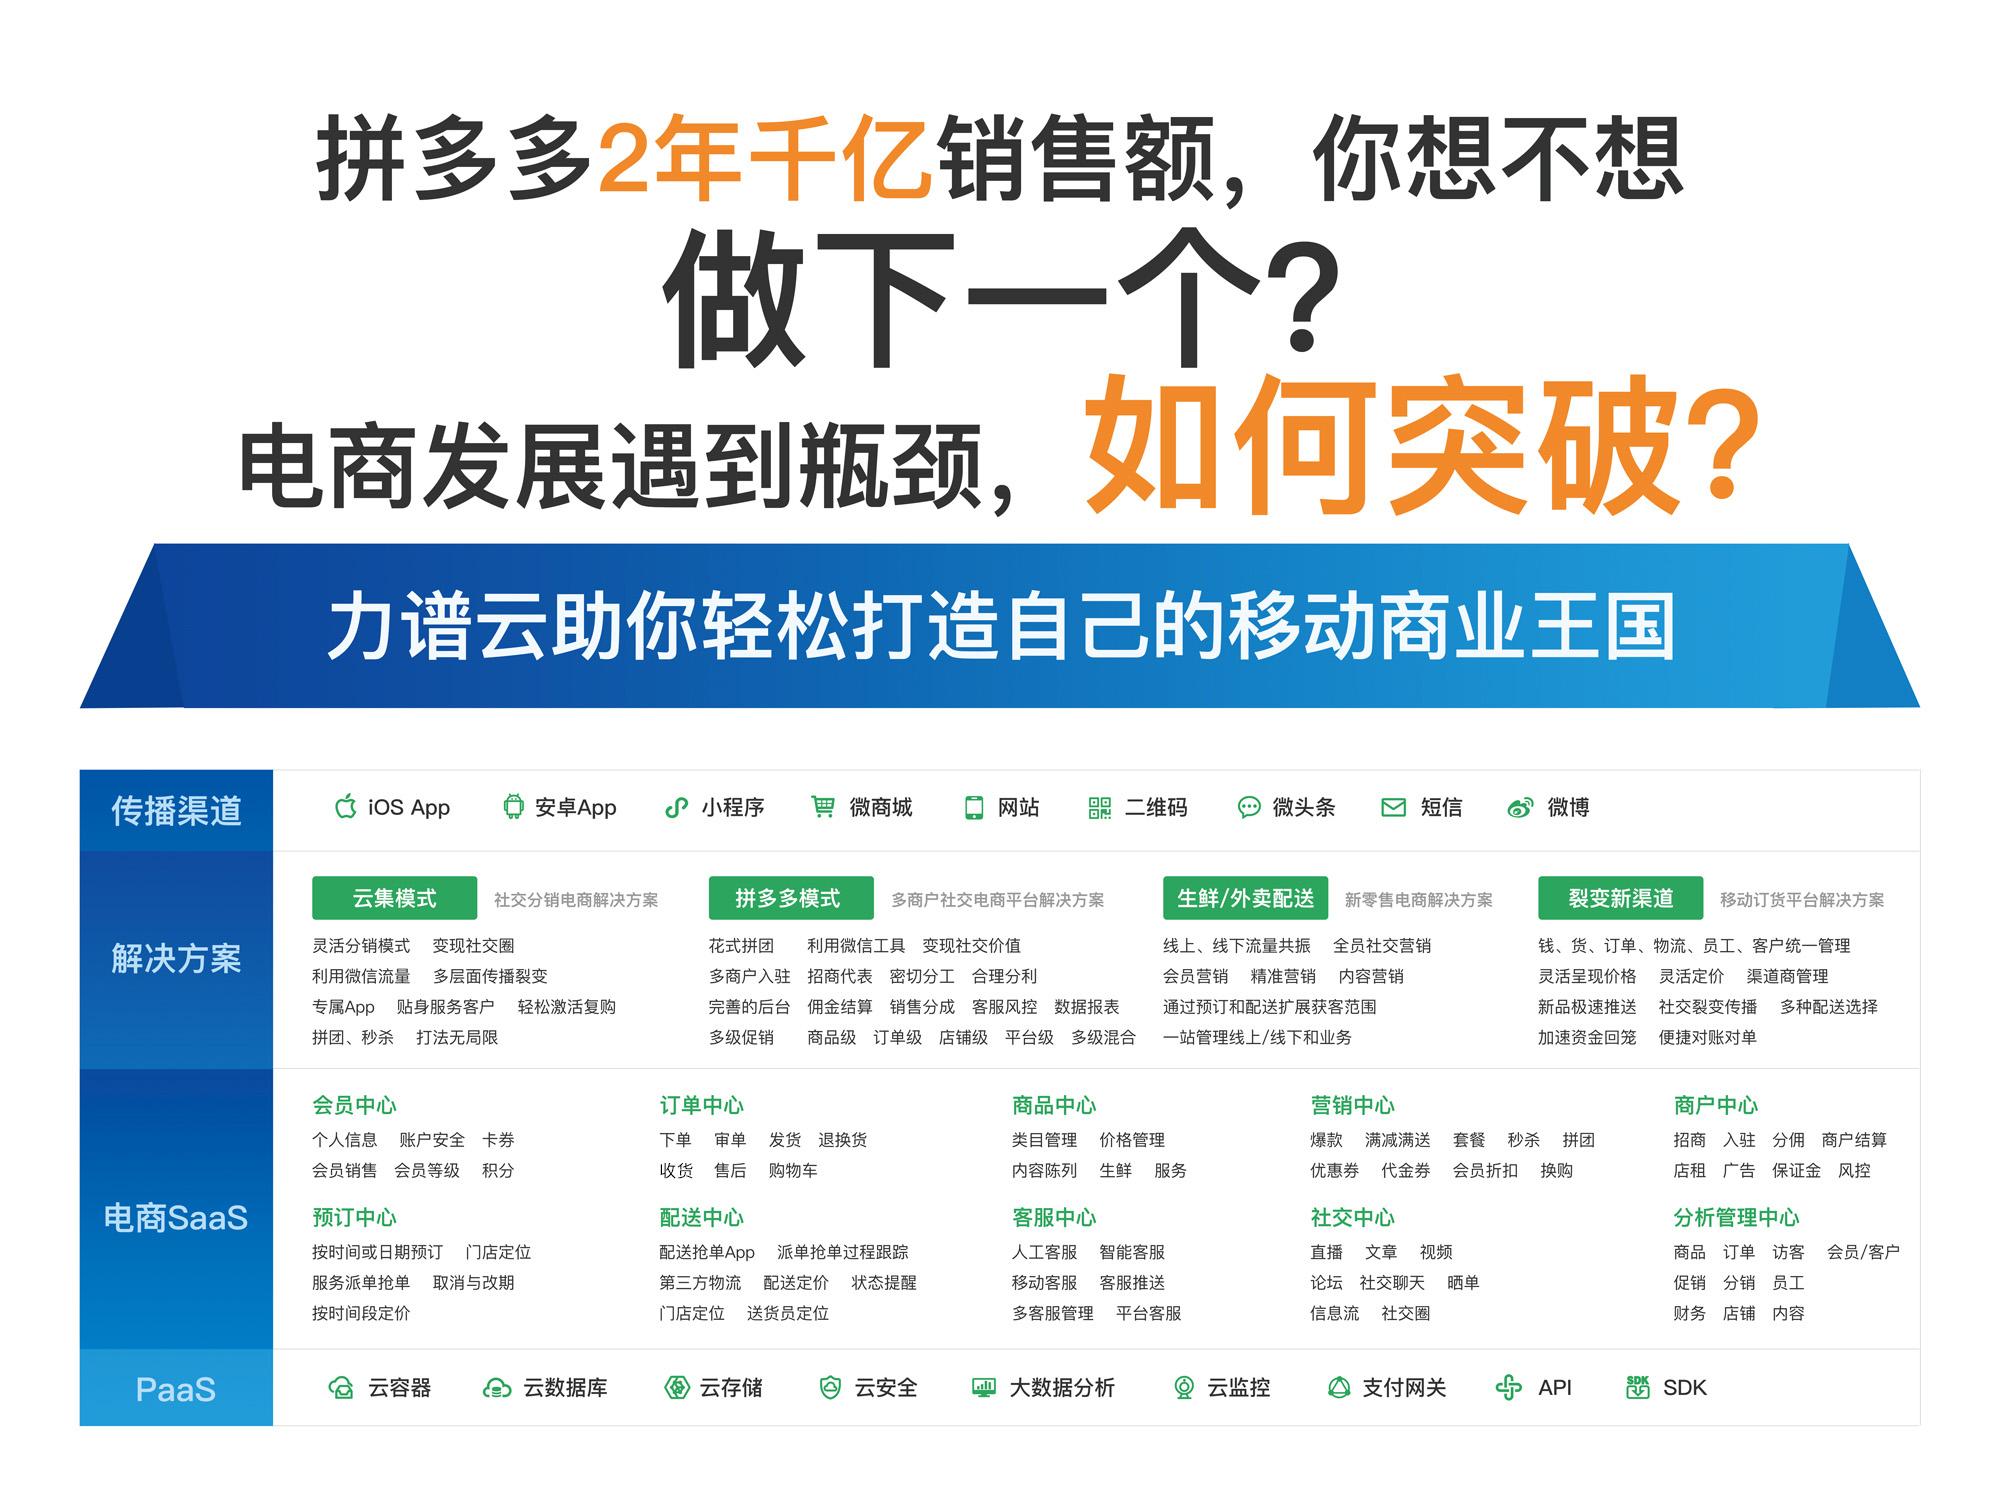 商领云APP开发公司